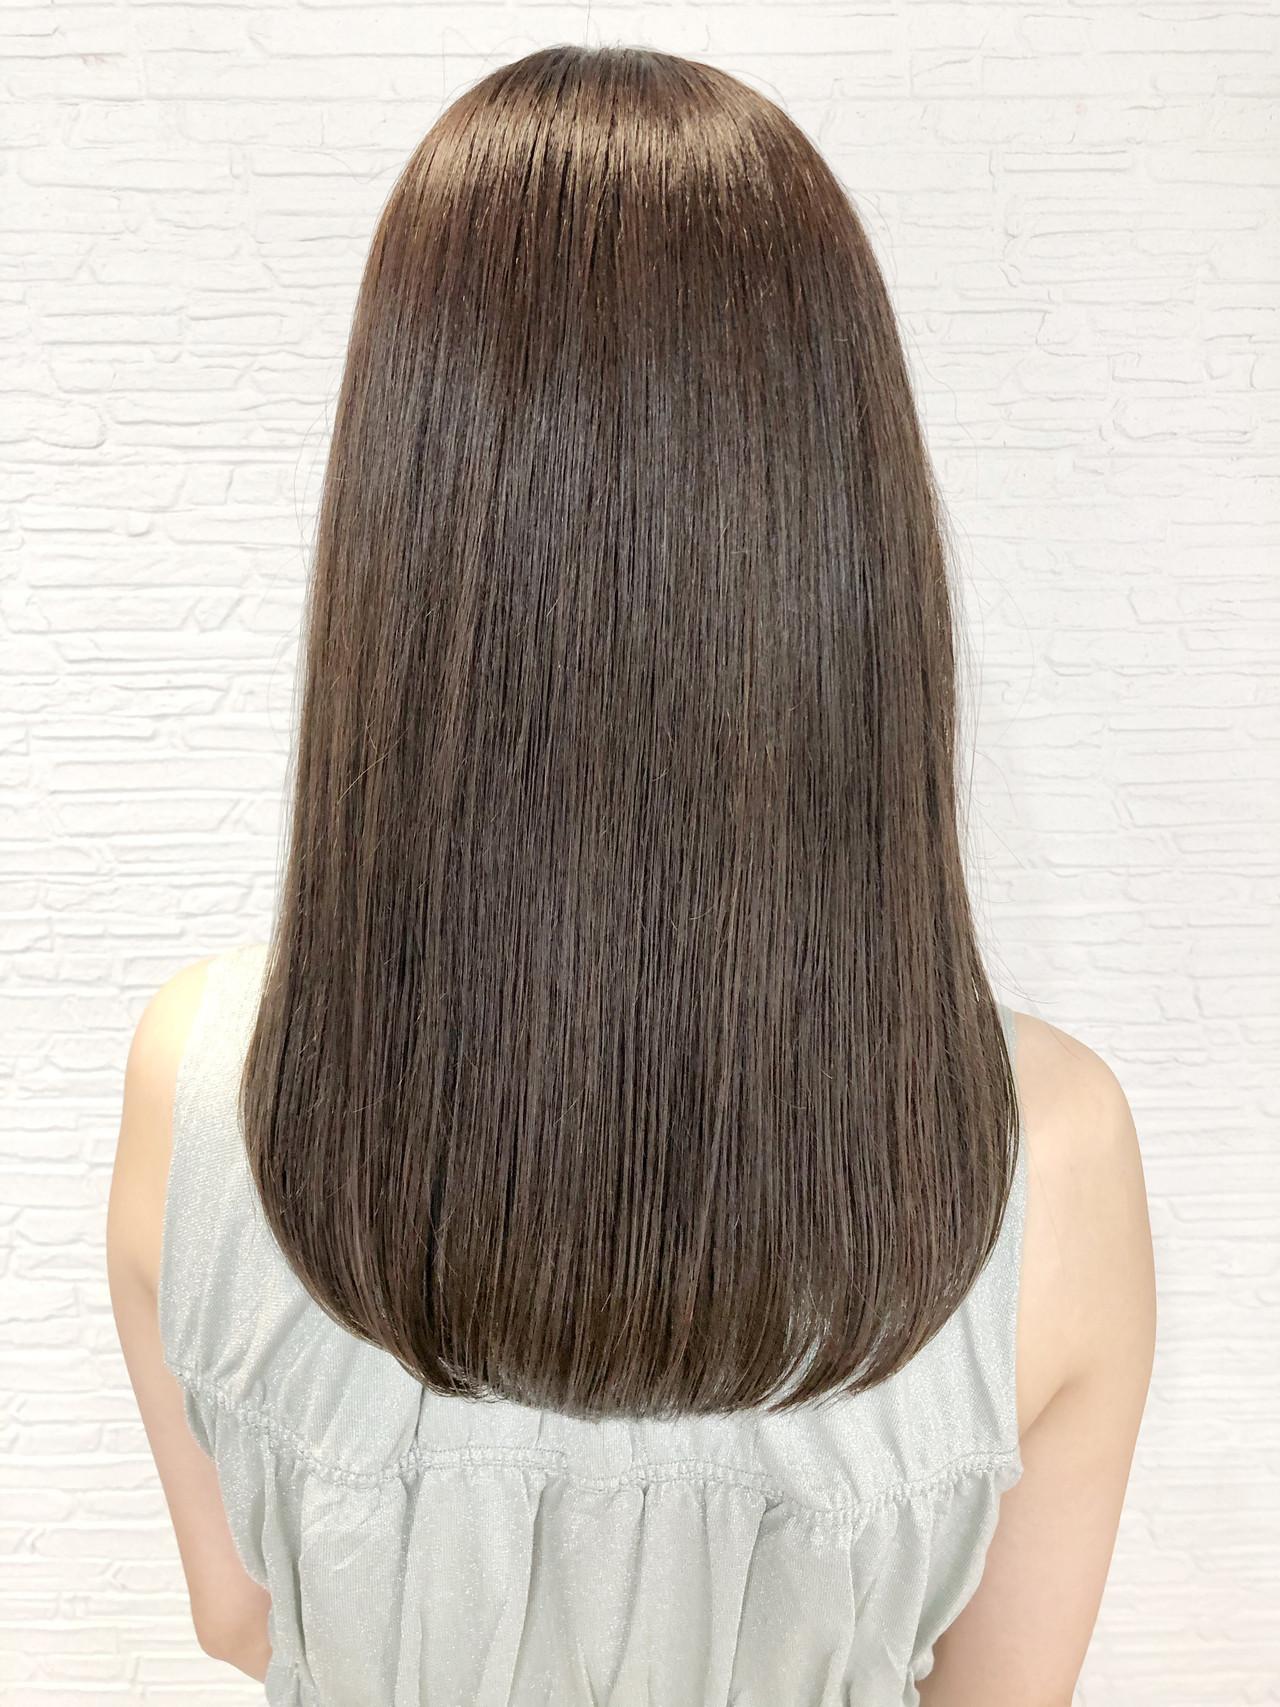 ナチュラルベージュ グレージュ ミルクティーベージュ セミロング ヘアスタイルや髪型の写真・画像